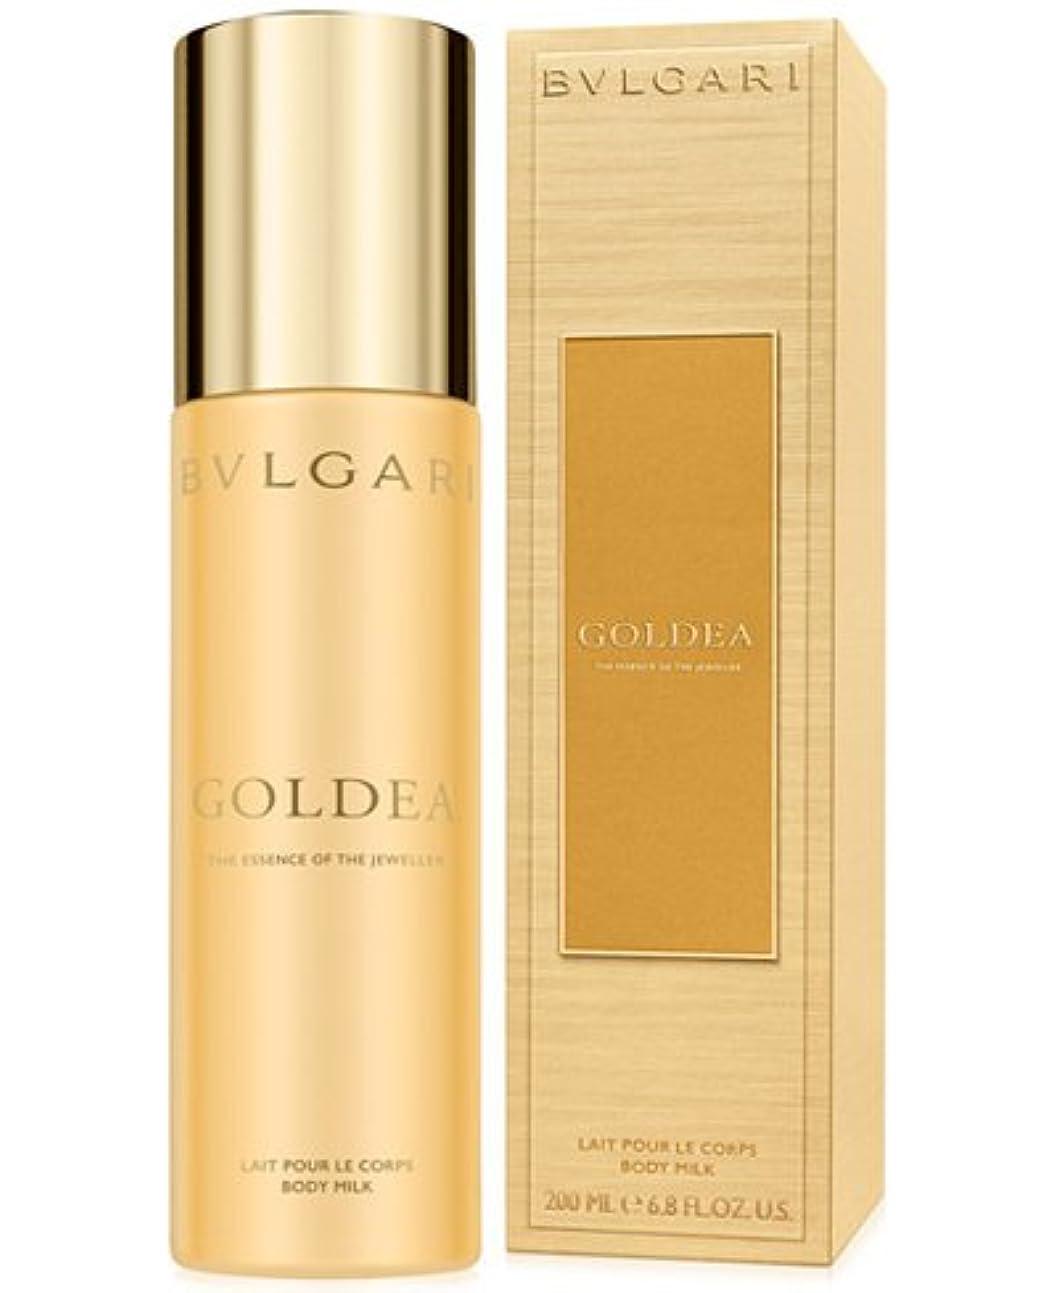 質素なホイットニー厳密にBvlgari Goldea (ブルガリ ゴルディア) 6.7 oz (100ml) Body Milk (ボディーミルク) by Bvlgari for Women